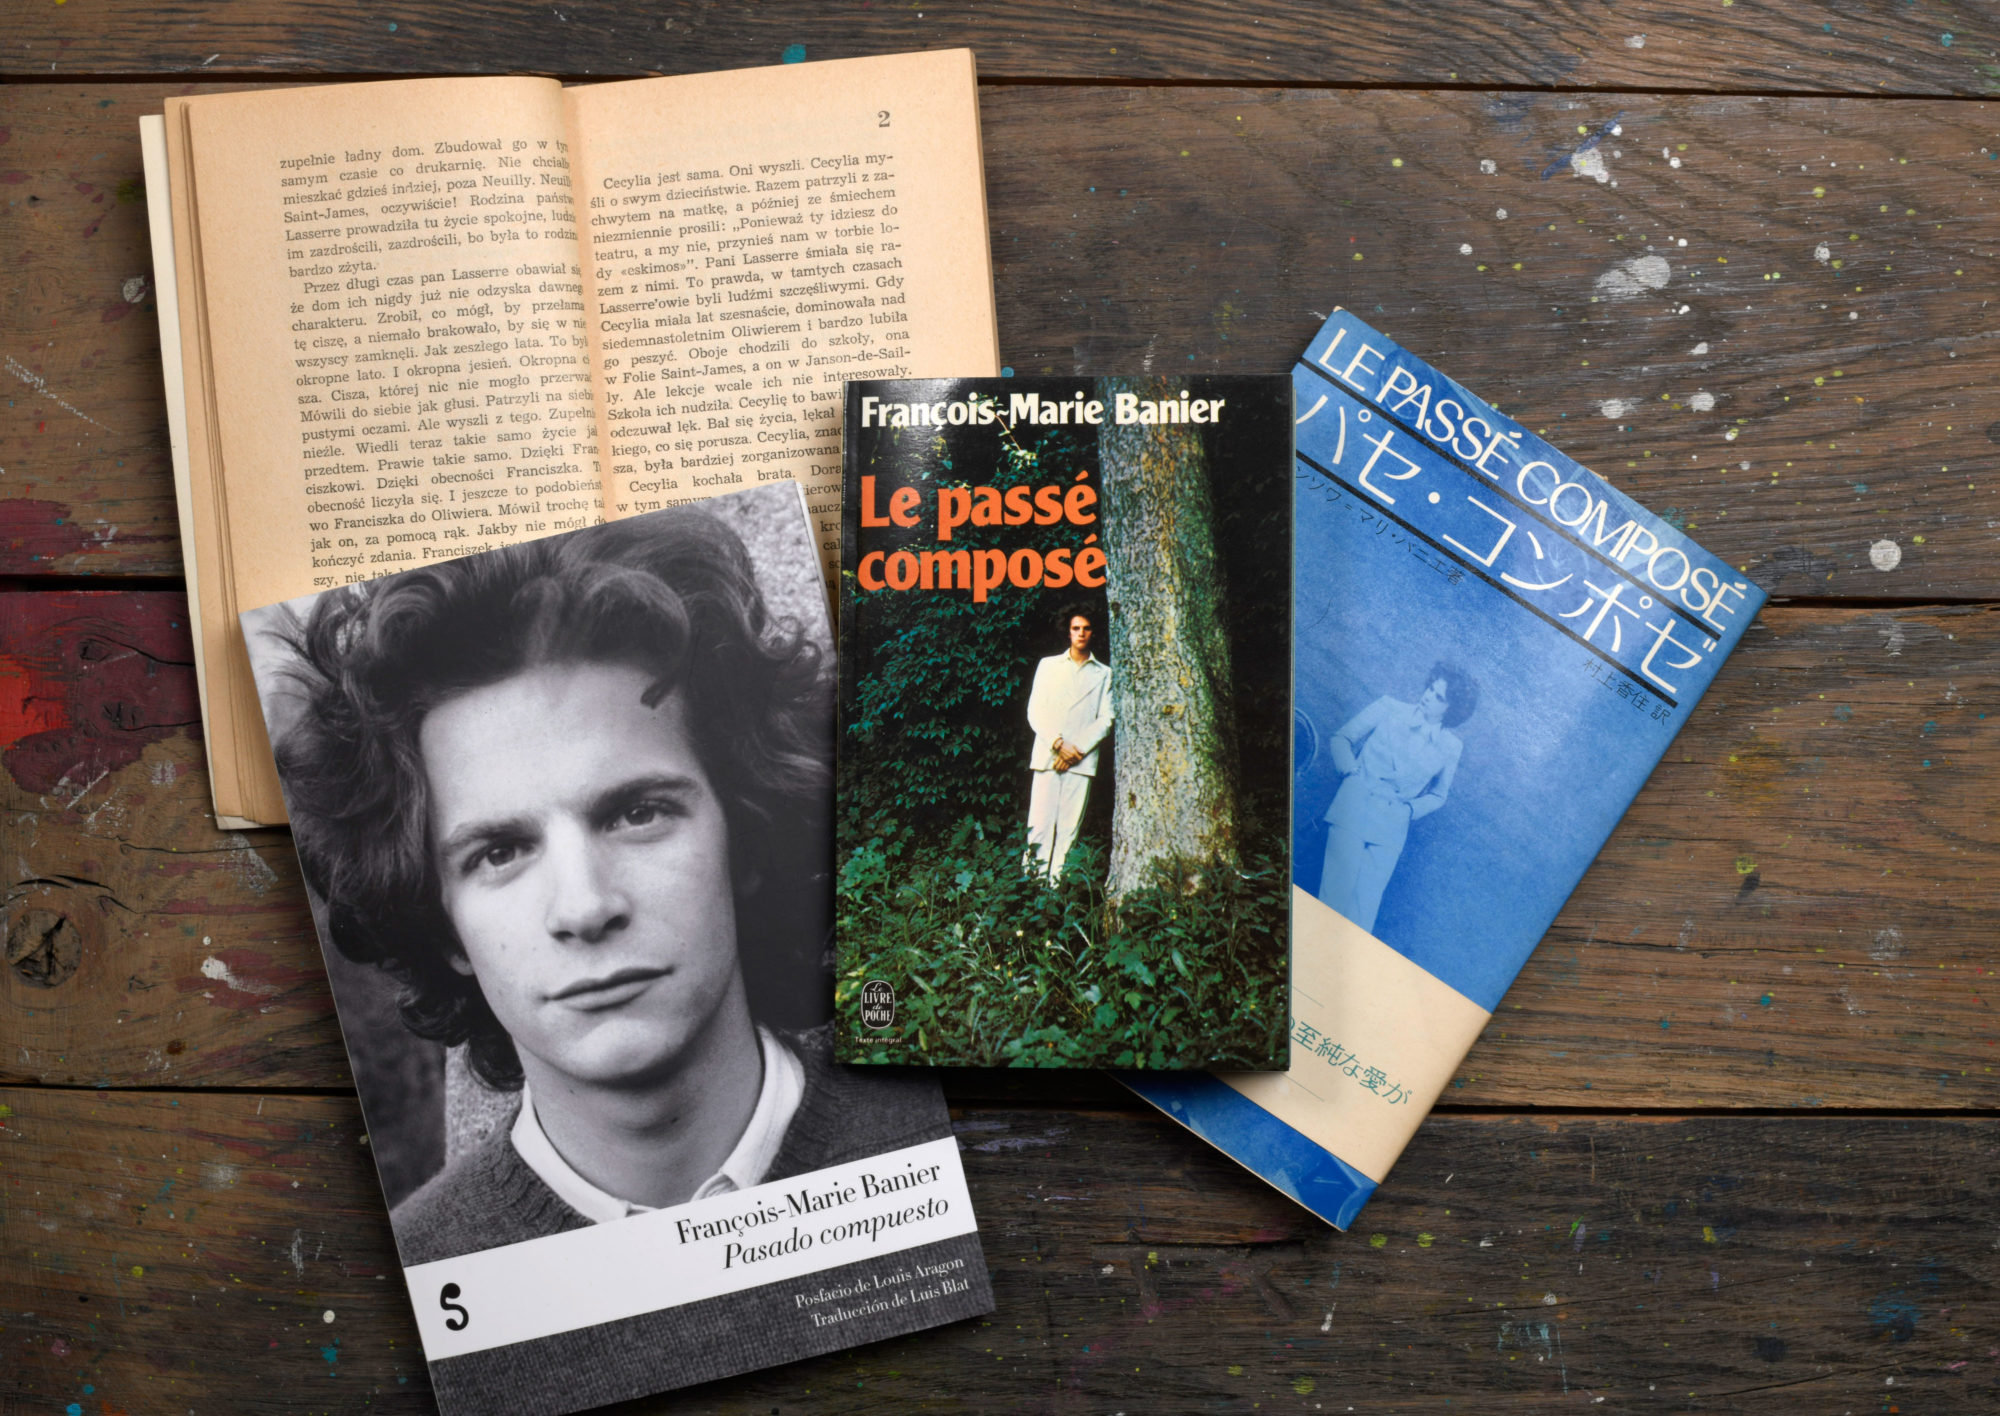 Le passé composé - François-Marie Banier